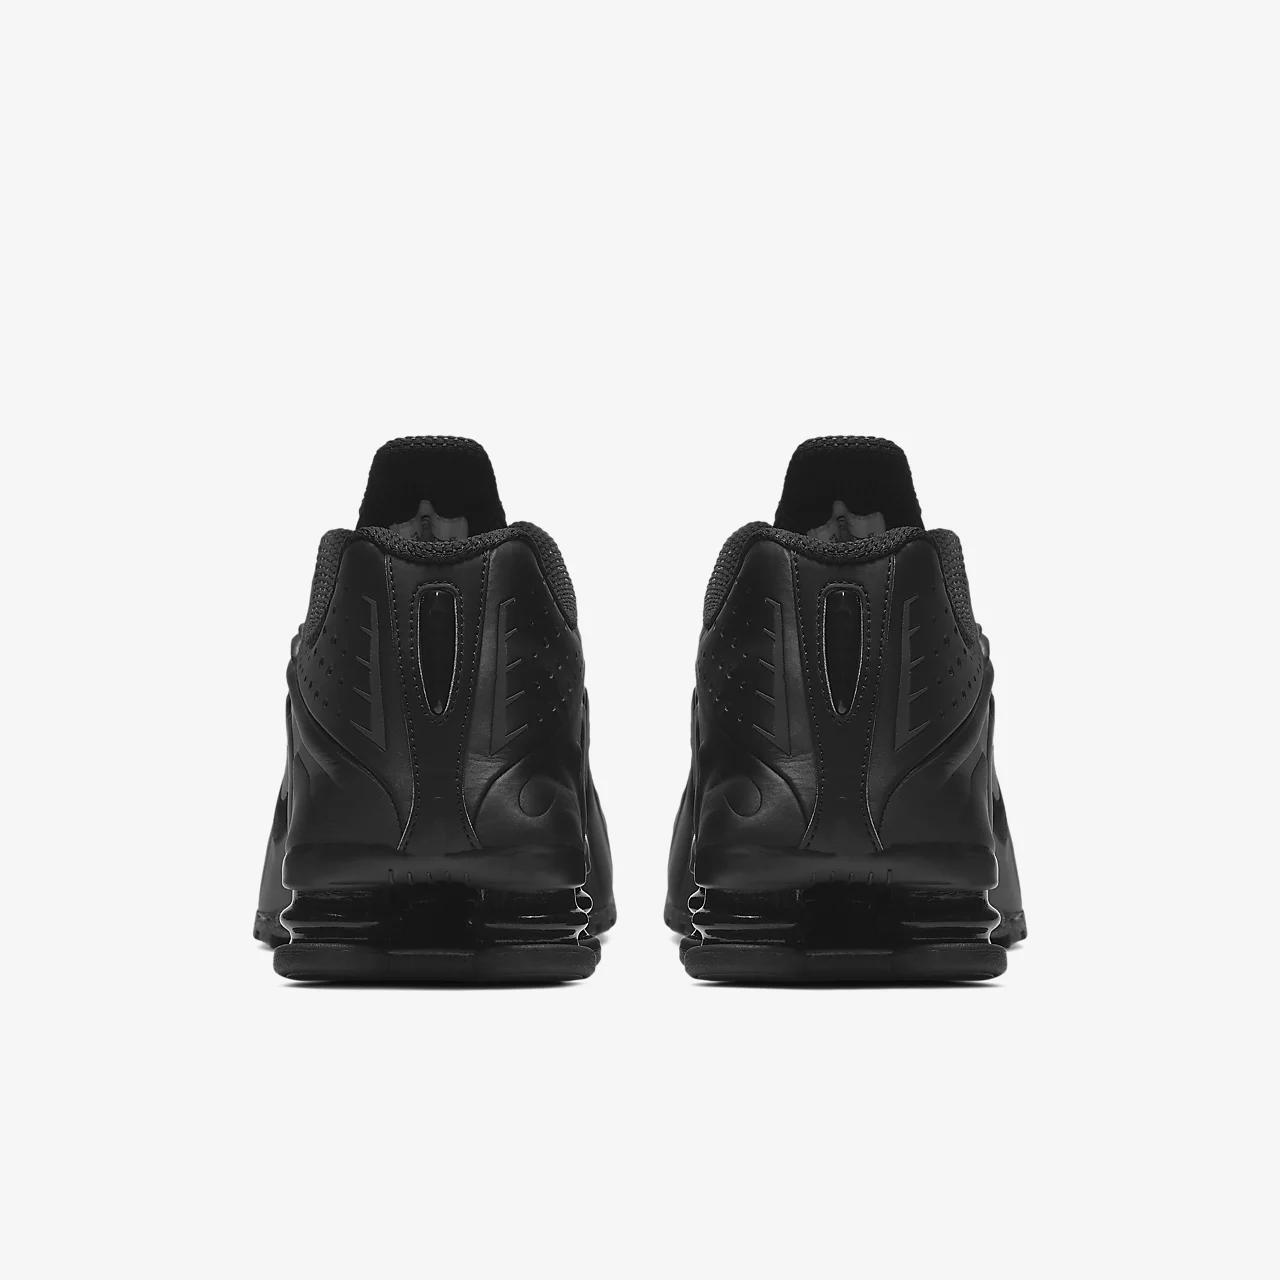 나이키 샥스 R4 남성 신발 104265-044